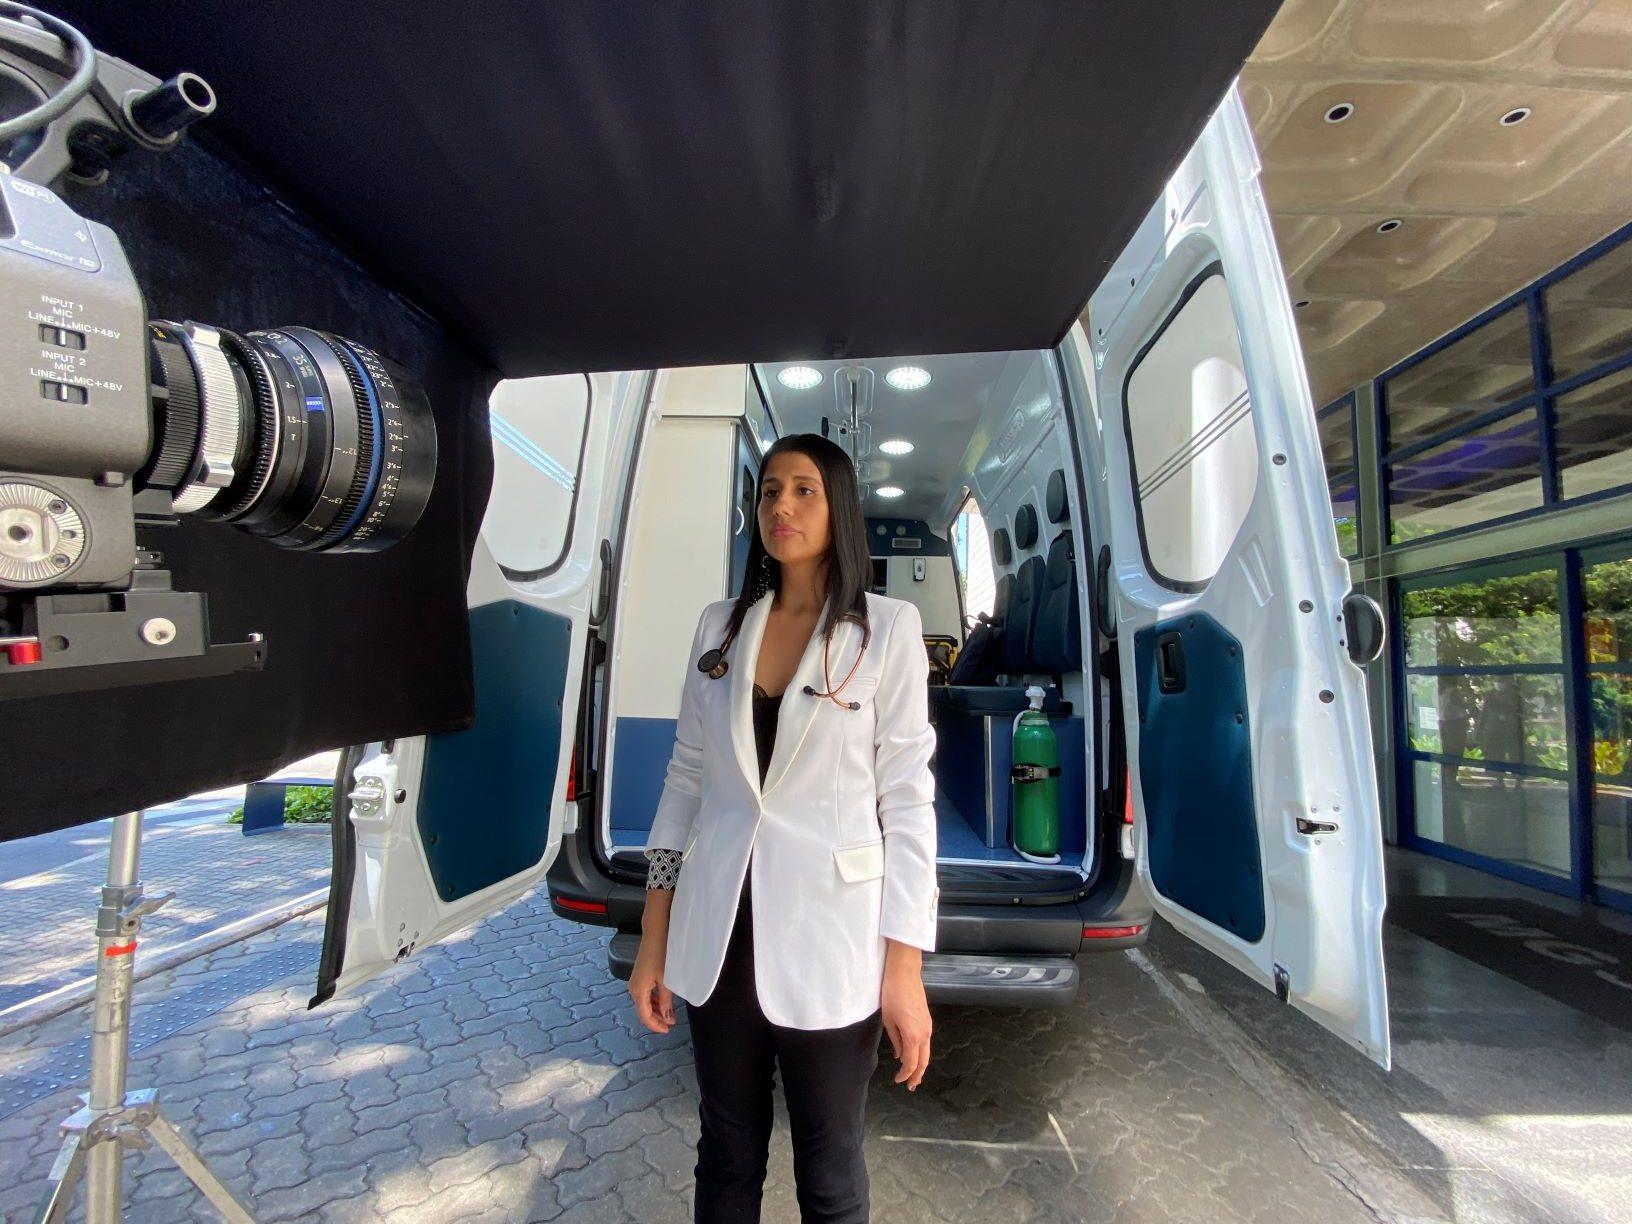 """A médica Myriam Krexu em gravação no Paraná: """"Um médico indígena não é um ser místico, rudimentar, que só vive na floresta. Um médico indígena é um cientista"""" (Foto: Igor Tripolli/TV Globo)"""